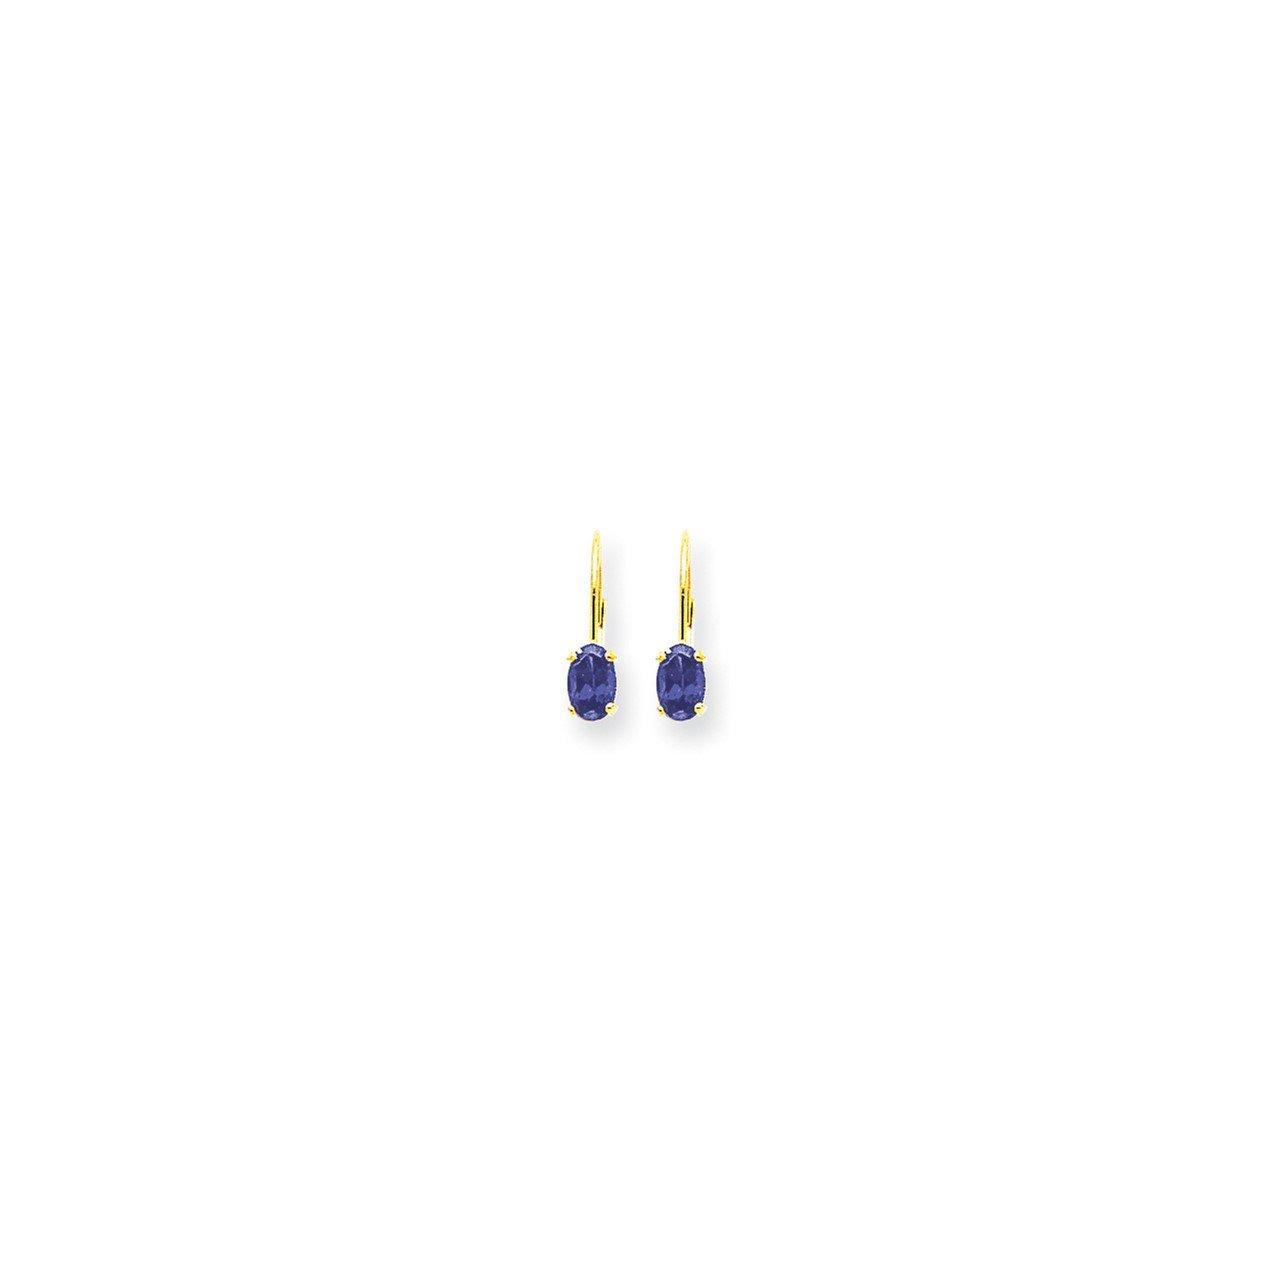 14k 6x4mm Oval Tanzanite leverback earring